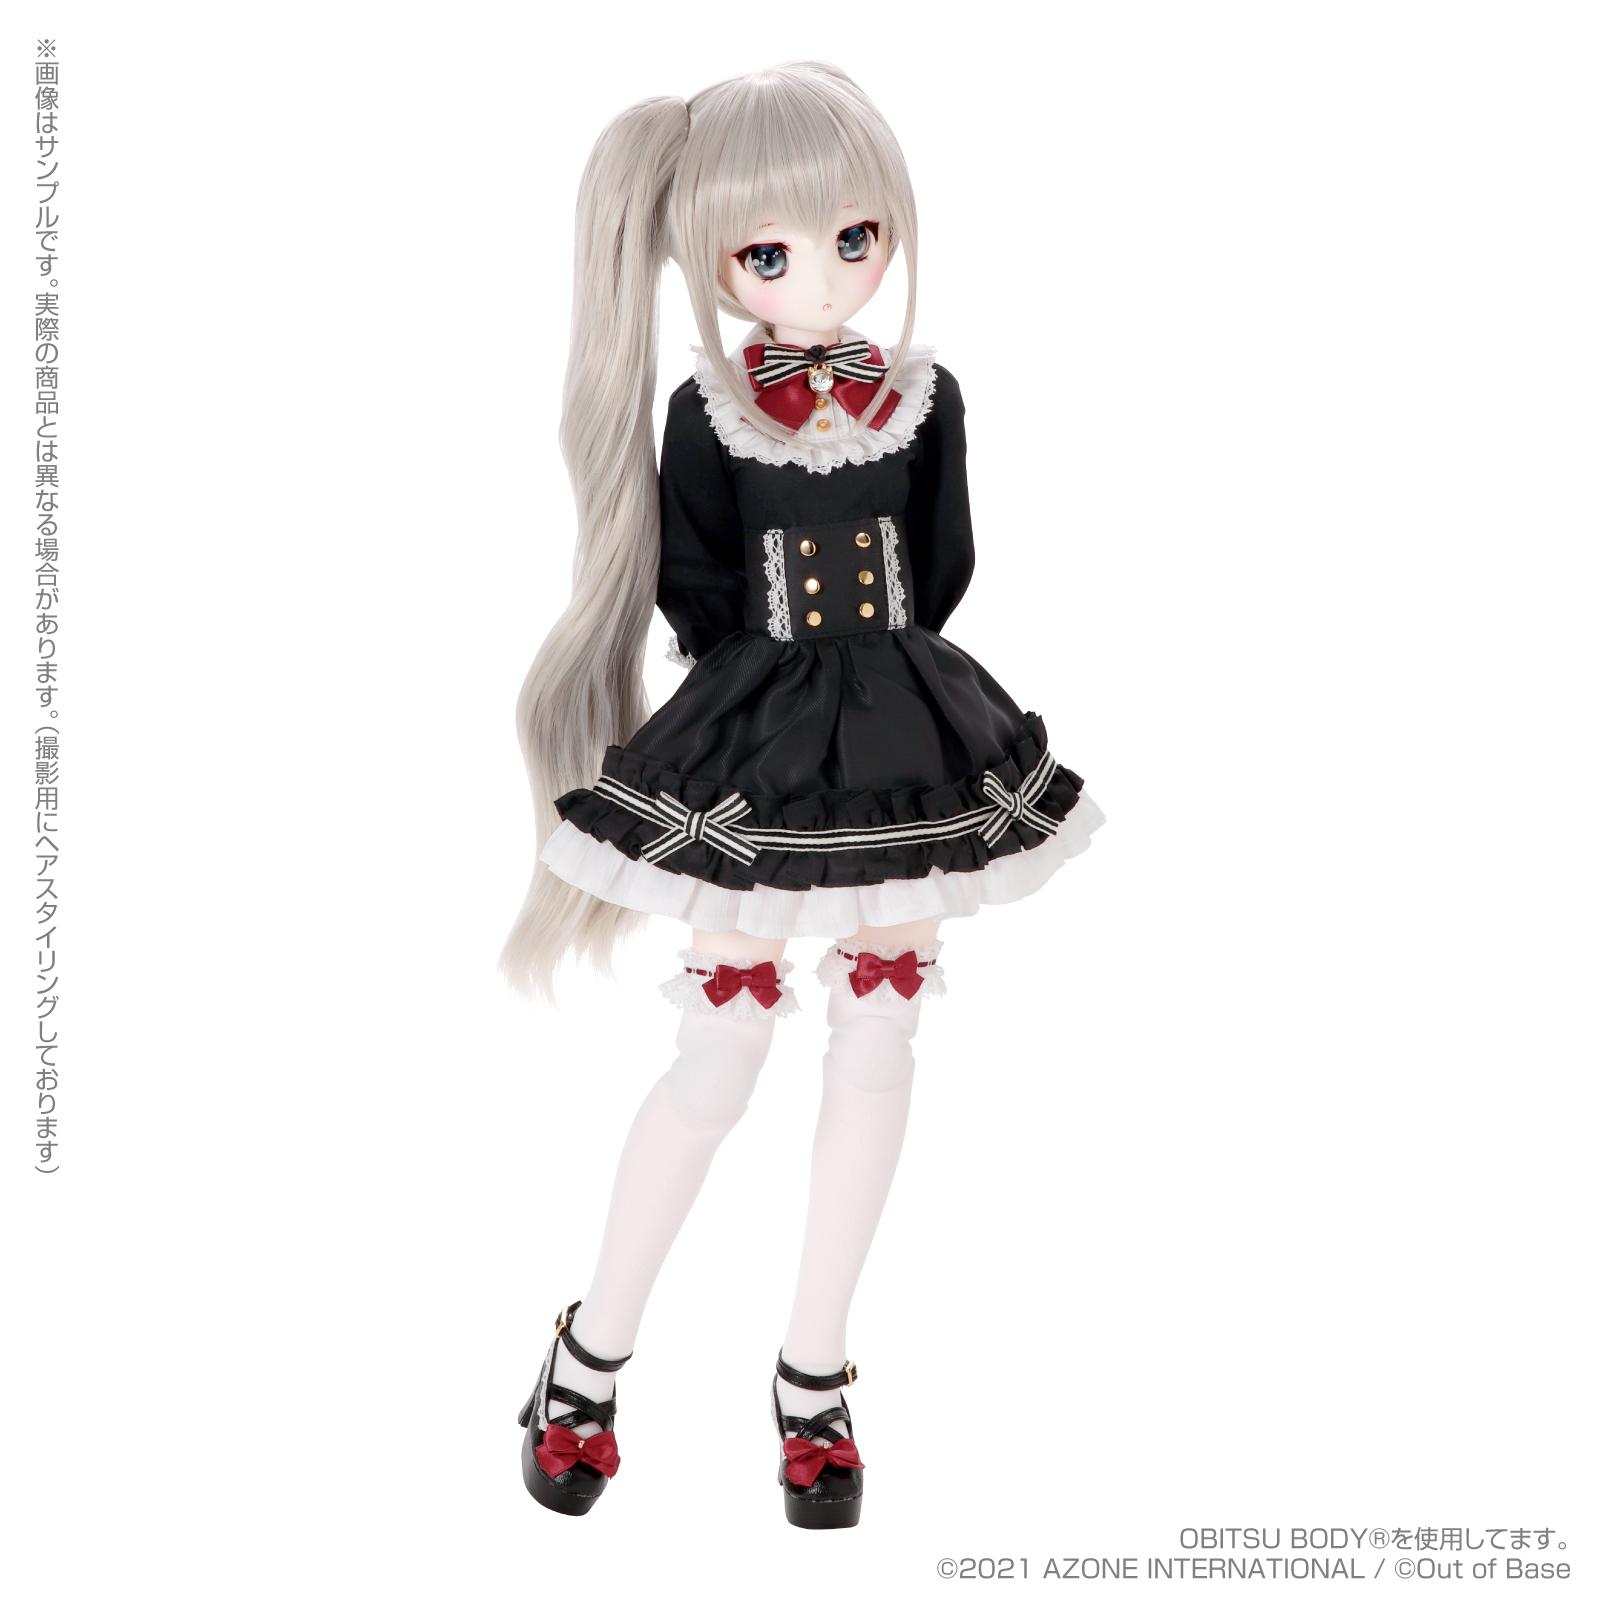 【再販】Iris Collect petit『すずね/~Wonder fraulein~Goth×Loli cats(通常販売ver.)』アイリスコレクト プチ 1/3 完成品ドール-008